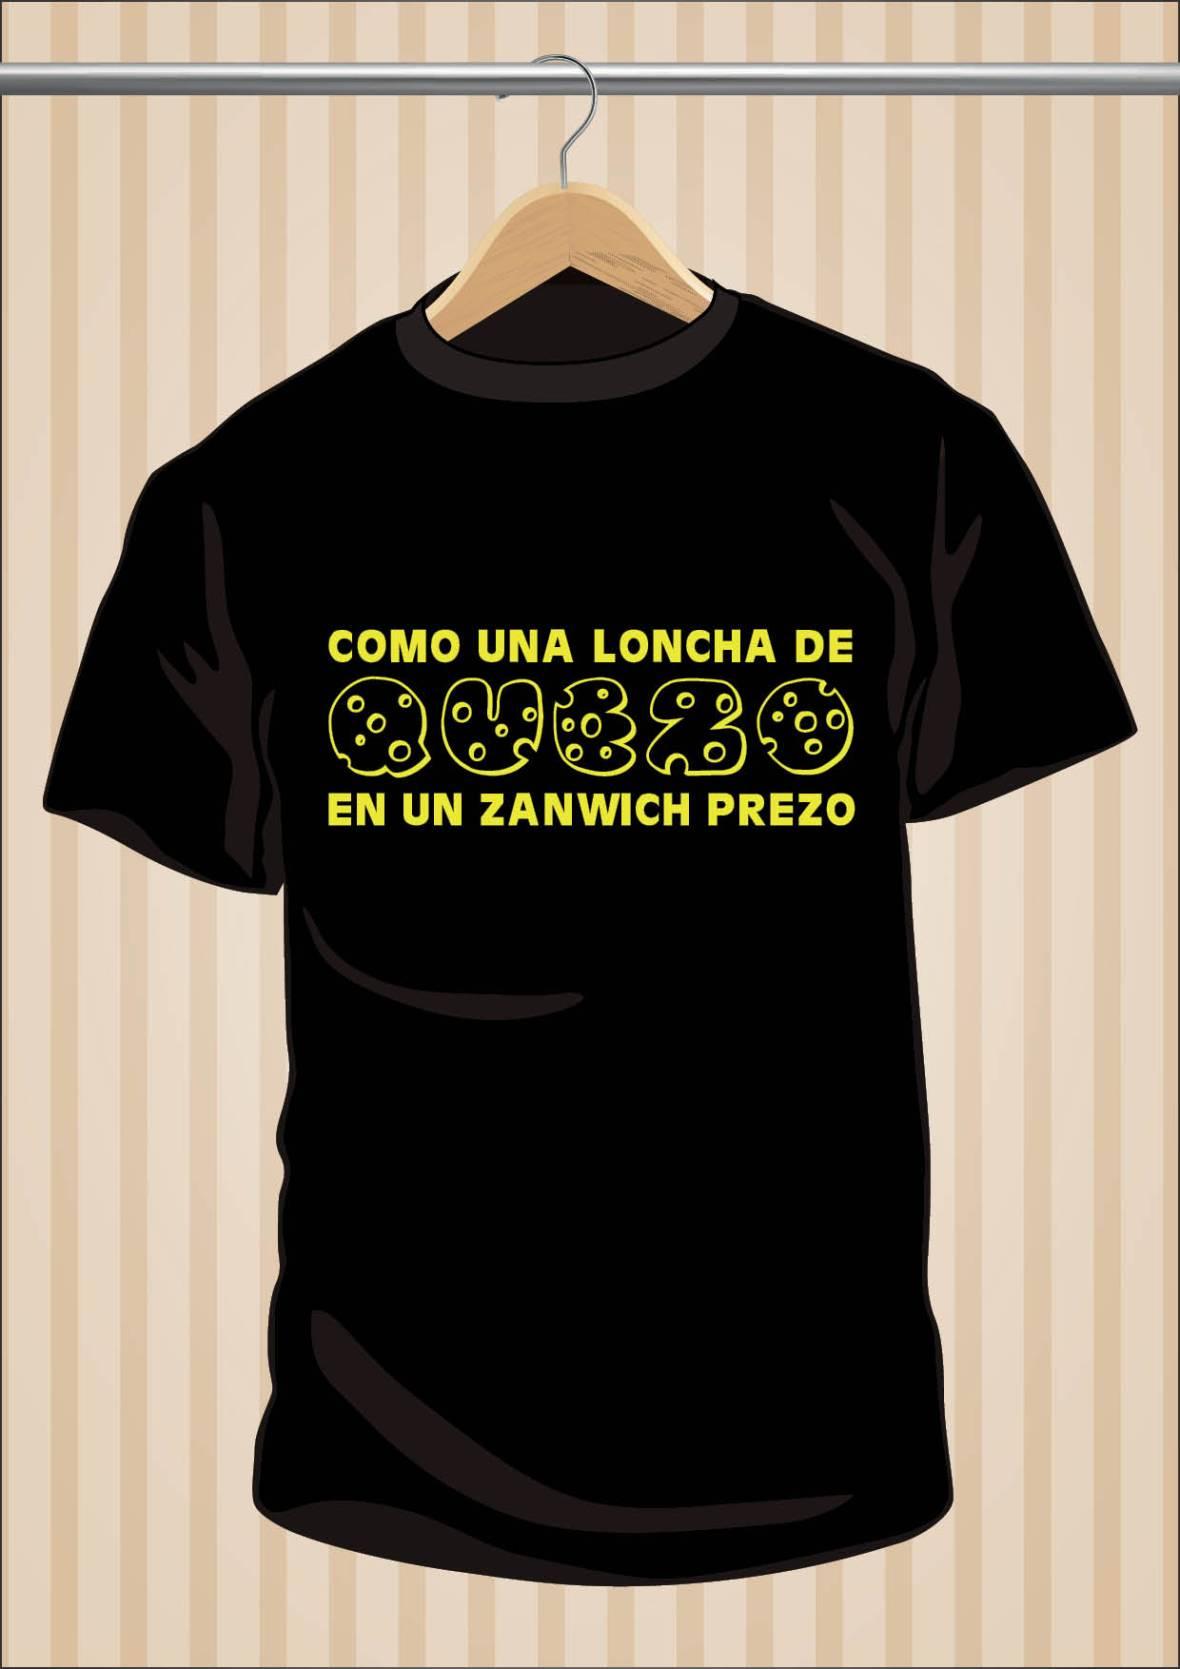 Camiseta Flos Mariae Como Una Loncha de Queso En Un Sandwich Preso - UppStudio